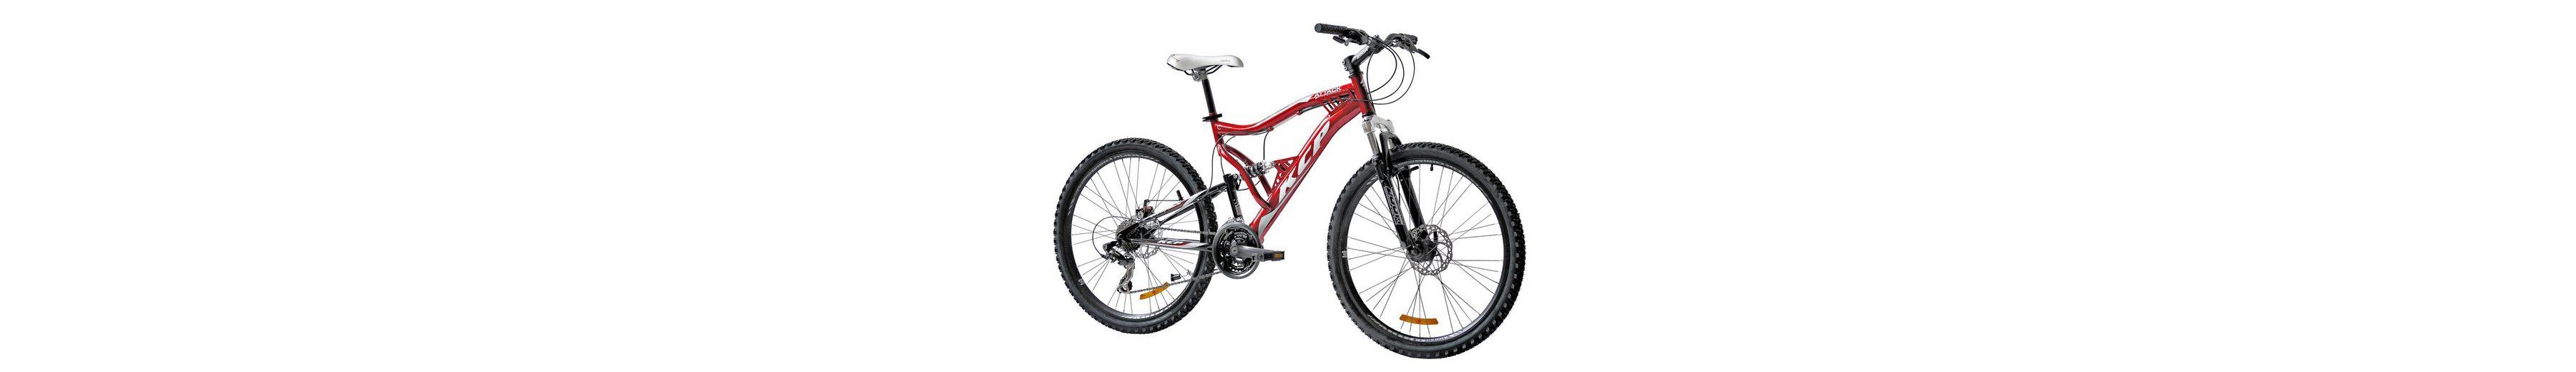 Mountainbike »Attack«, 26 Zoll, 21 Gang, Scheibenbremsen